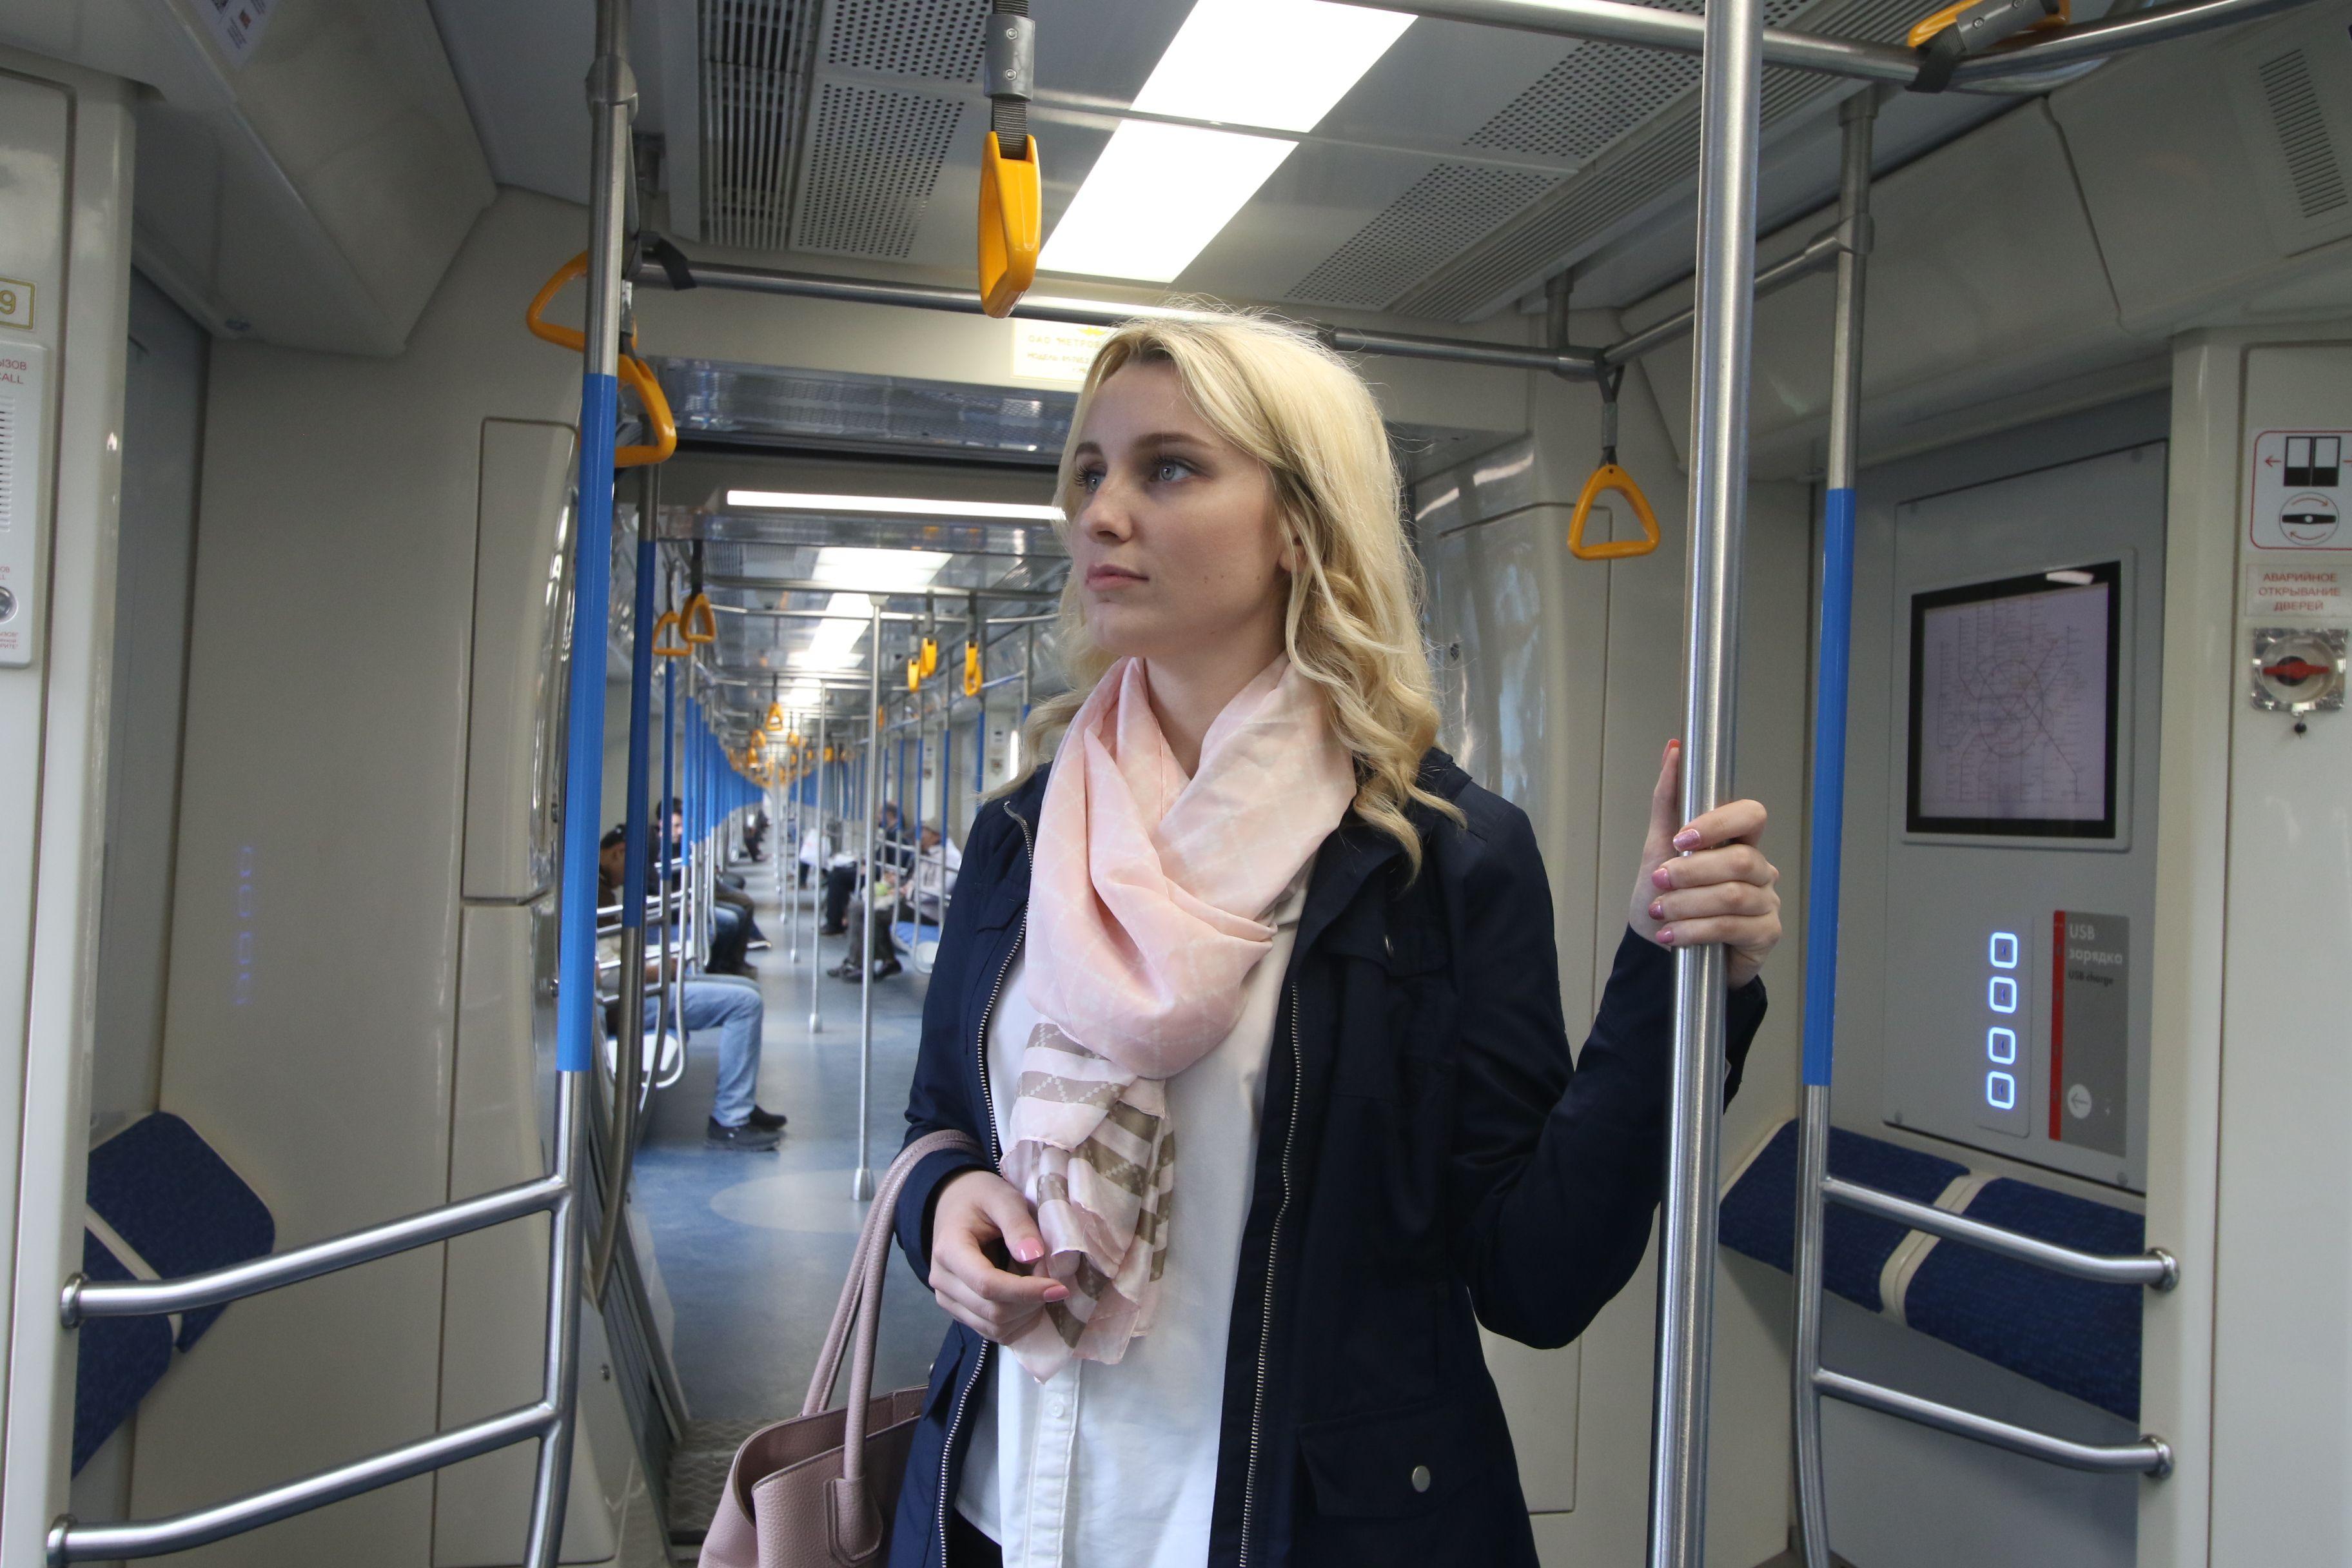 Видеоролики о литературе покажут в метро Москвы